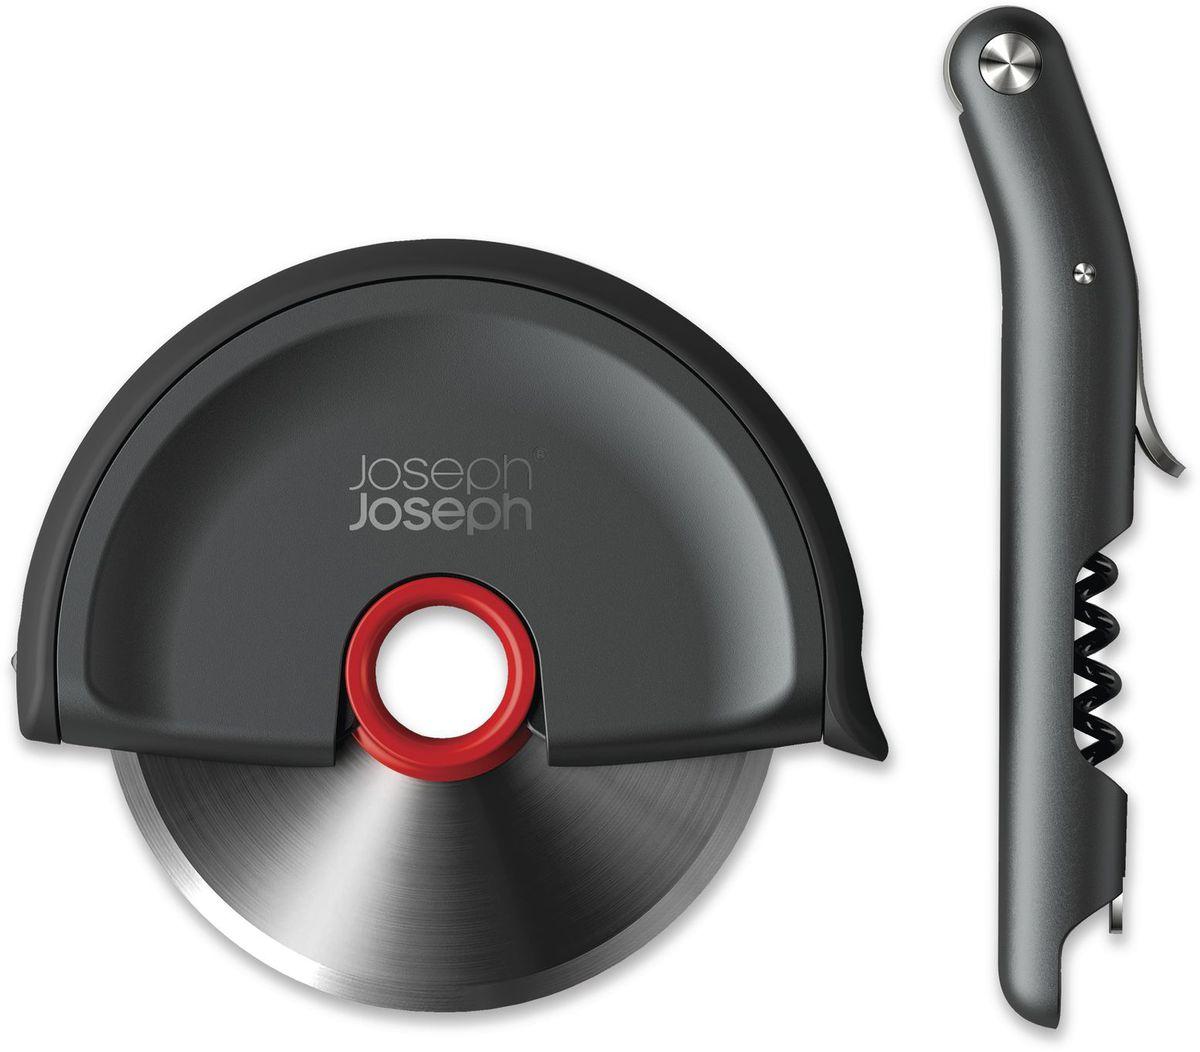 Набор Joseph Joseph: нож для пиццы и штопор. 9824798247Подарочный набор из двух стильных аксессуаров для кухни, изготовленный извысококачественных материалов, включает в себя штопор сомелье и нож для пиццы:- Однорычажный штопор сомелье для удаления пробок одним движением. В конструкциюштопора входят встроенный резак для фольги и магнитная открывалка для бутылочных крышек,а винт с неприлипающим покрытием легко вкручивается в любой тип пробки.- Нож для пиццы Disk из нержавеющей стали предназначен для нарезания пиццы, пирожных илисэндвичей. Эргономичный дизайн включает продуманную нескользящую ручку из силикона,которая также может служить в качестве чехла для безопасного хранения лезвия. Для удобногомытья лезвие вынимается из чехла.